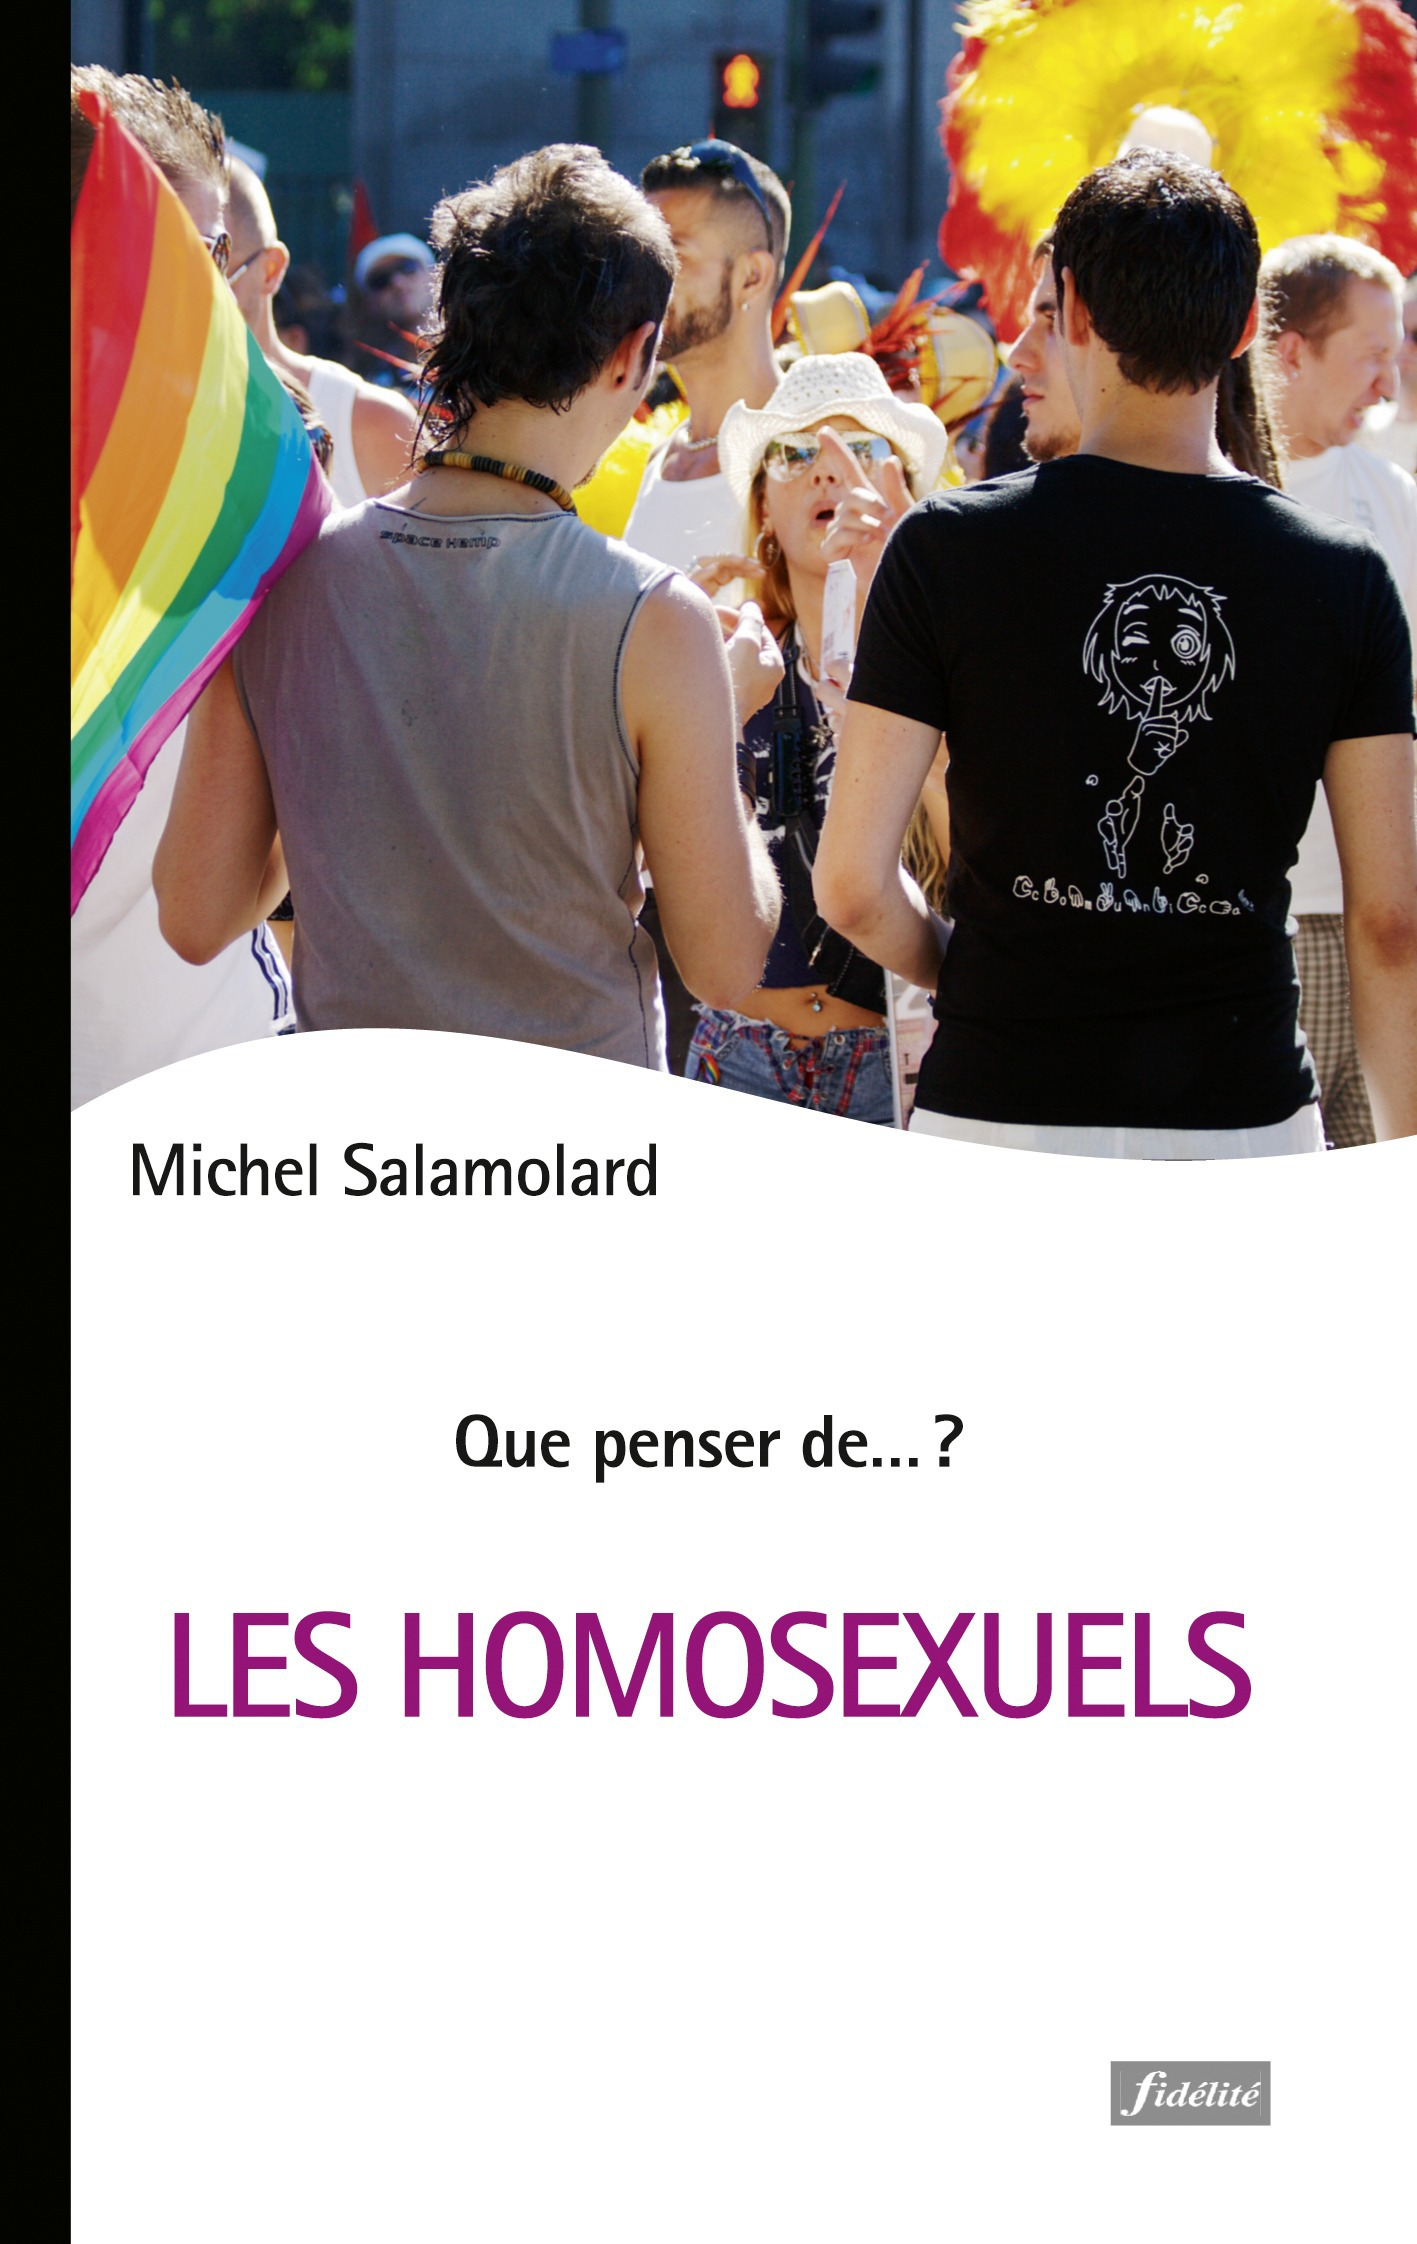 Les Homosexuels